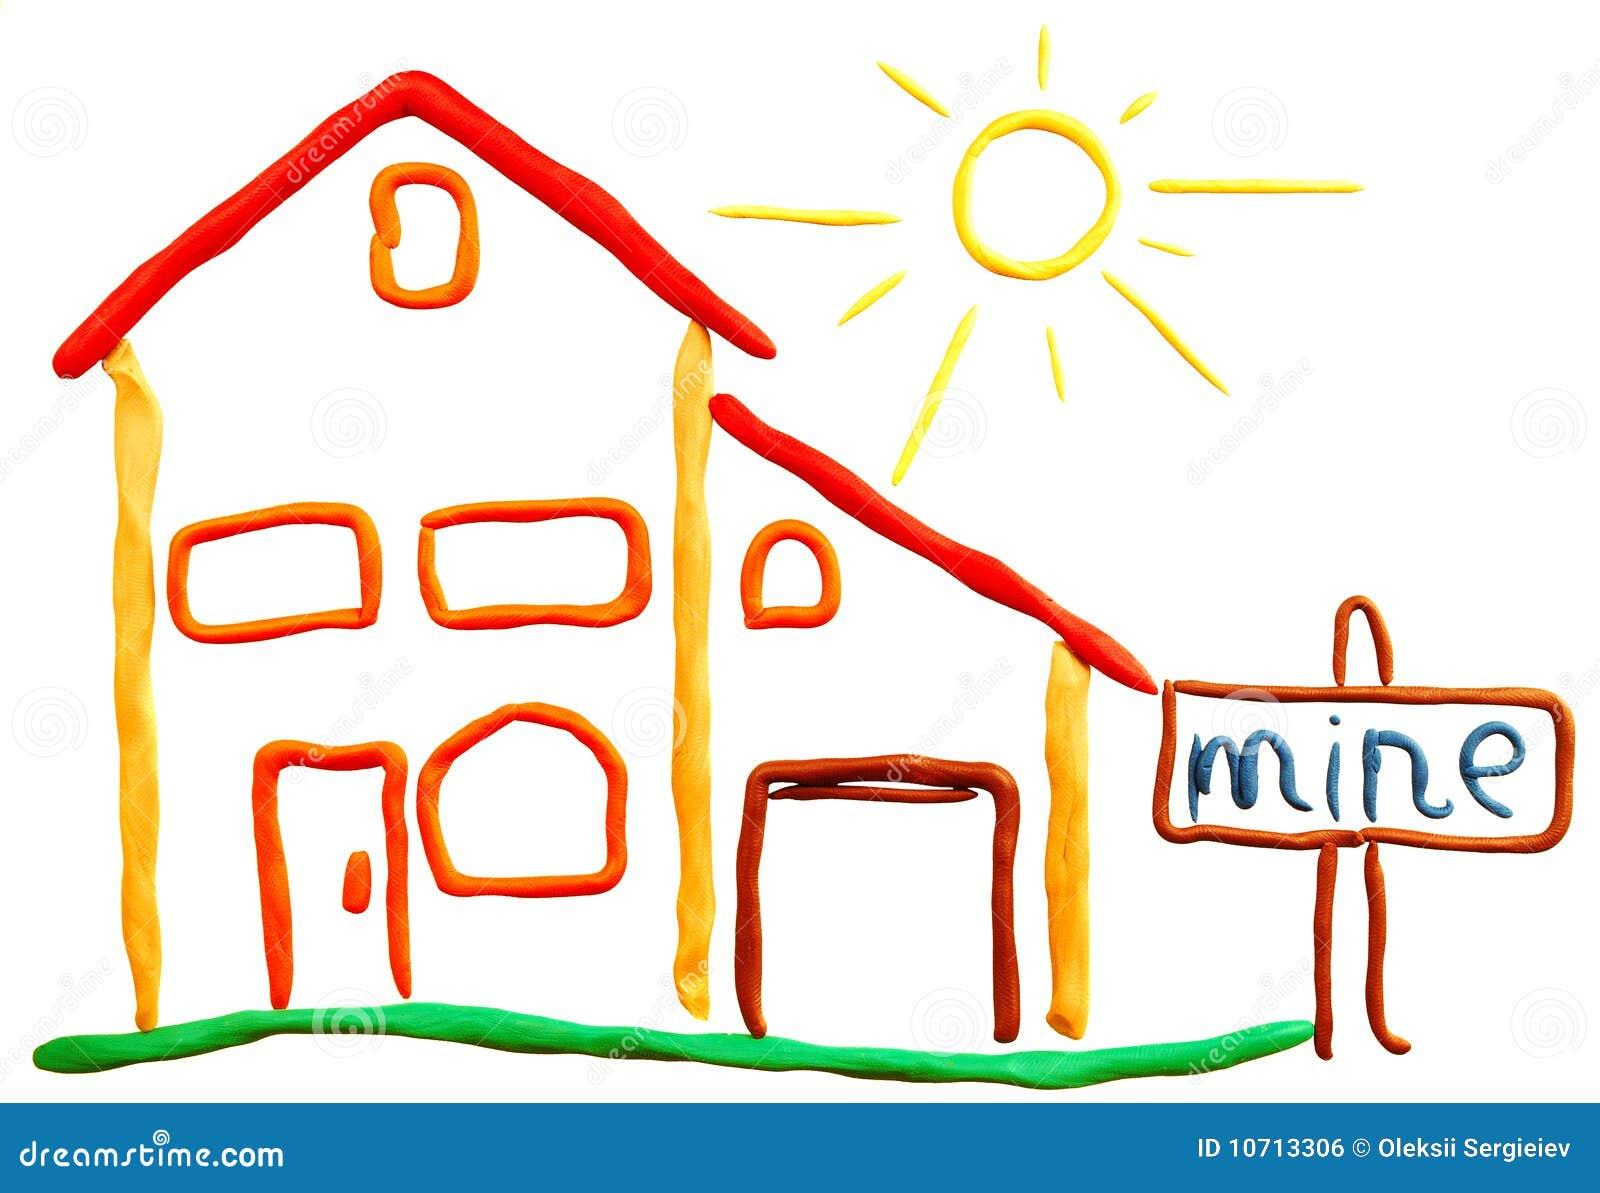 Maison et soleil de p te modeler image libre de droits image 10713306 - Pate a modeler maison ...